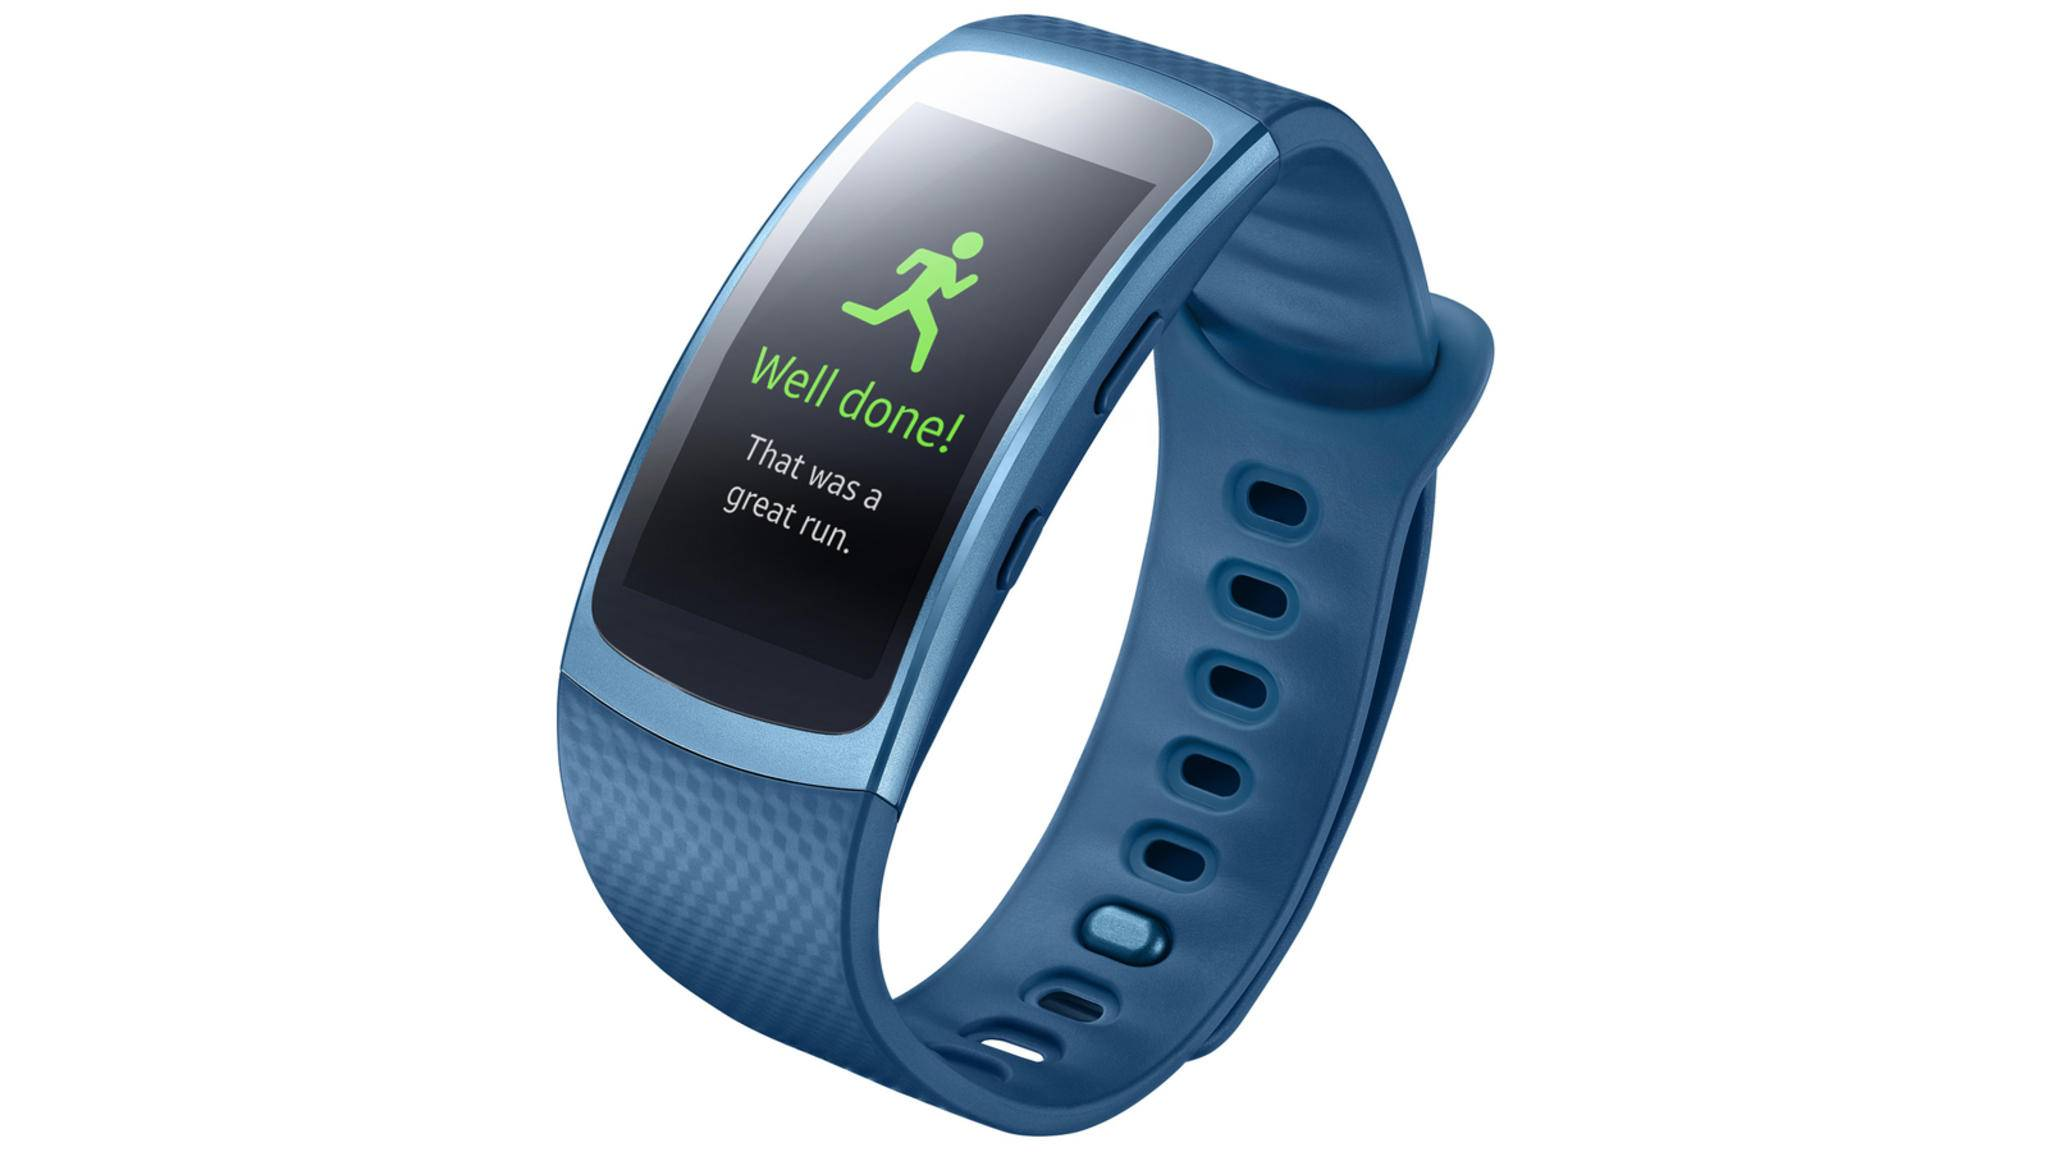 Das neue Update soll Fitness und Sport mit der Samsung Gear Fit2 und Gear Fit2 Pro noch angenehmer machen.